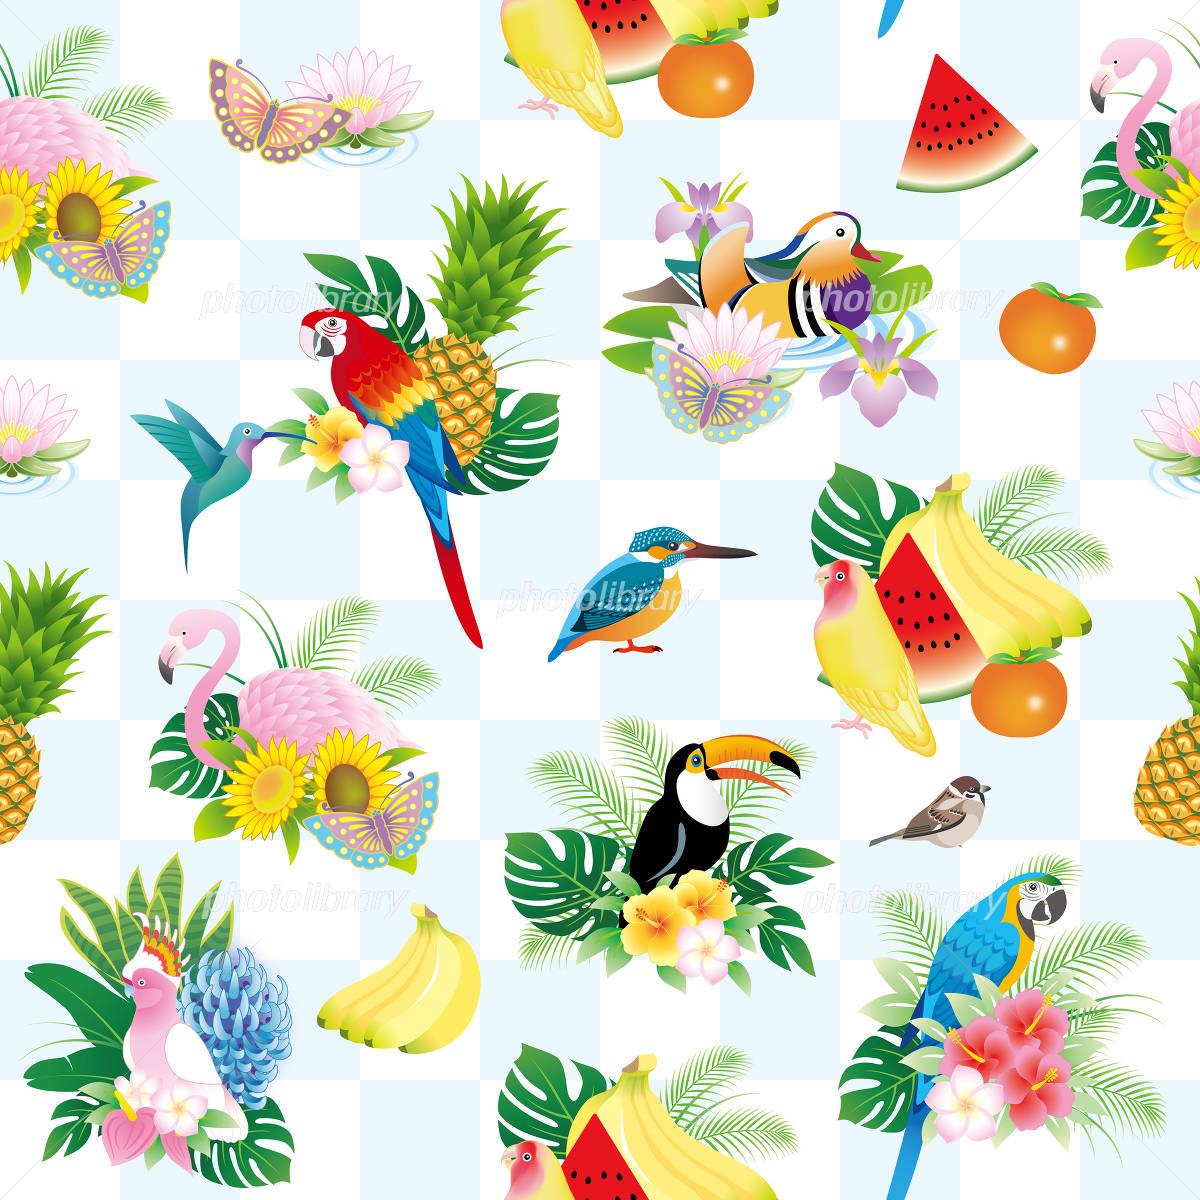 鳥と花 果物の夏イメージパターン イラスト素材 4967350 フォト